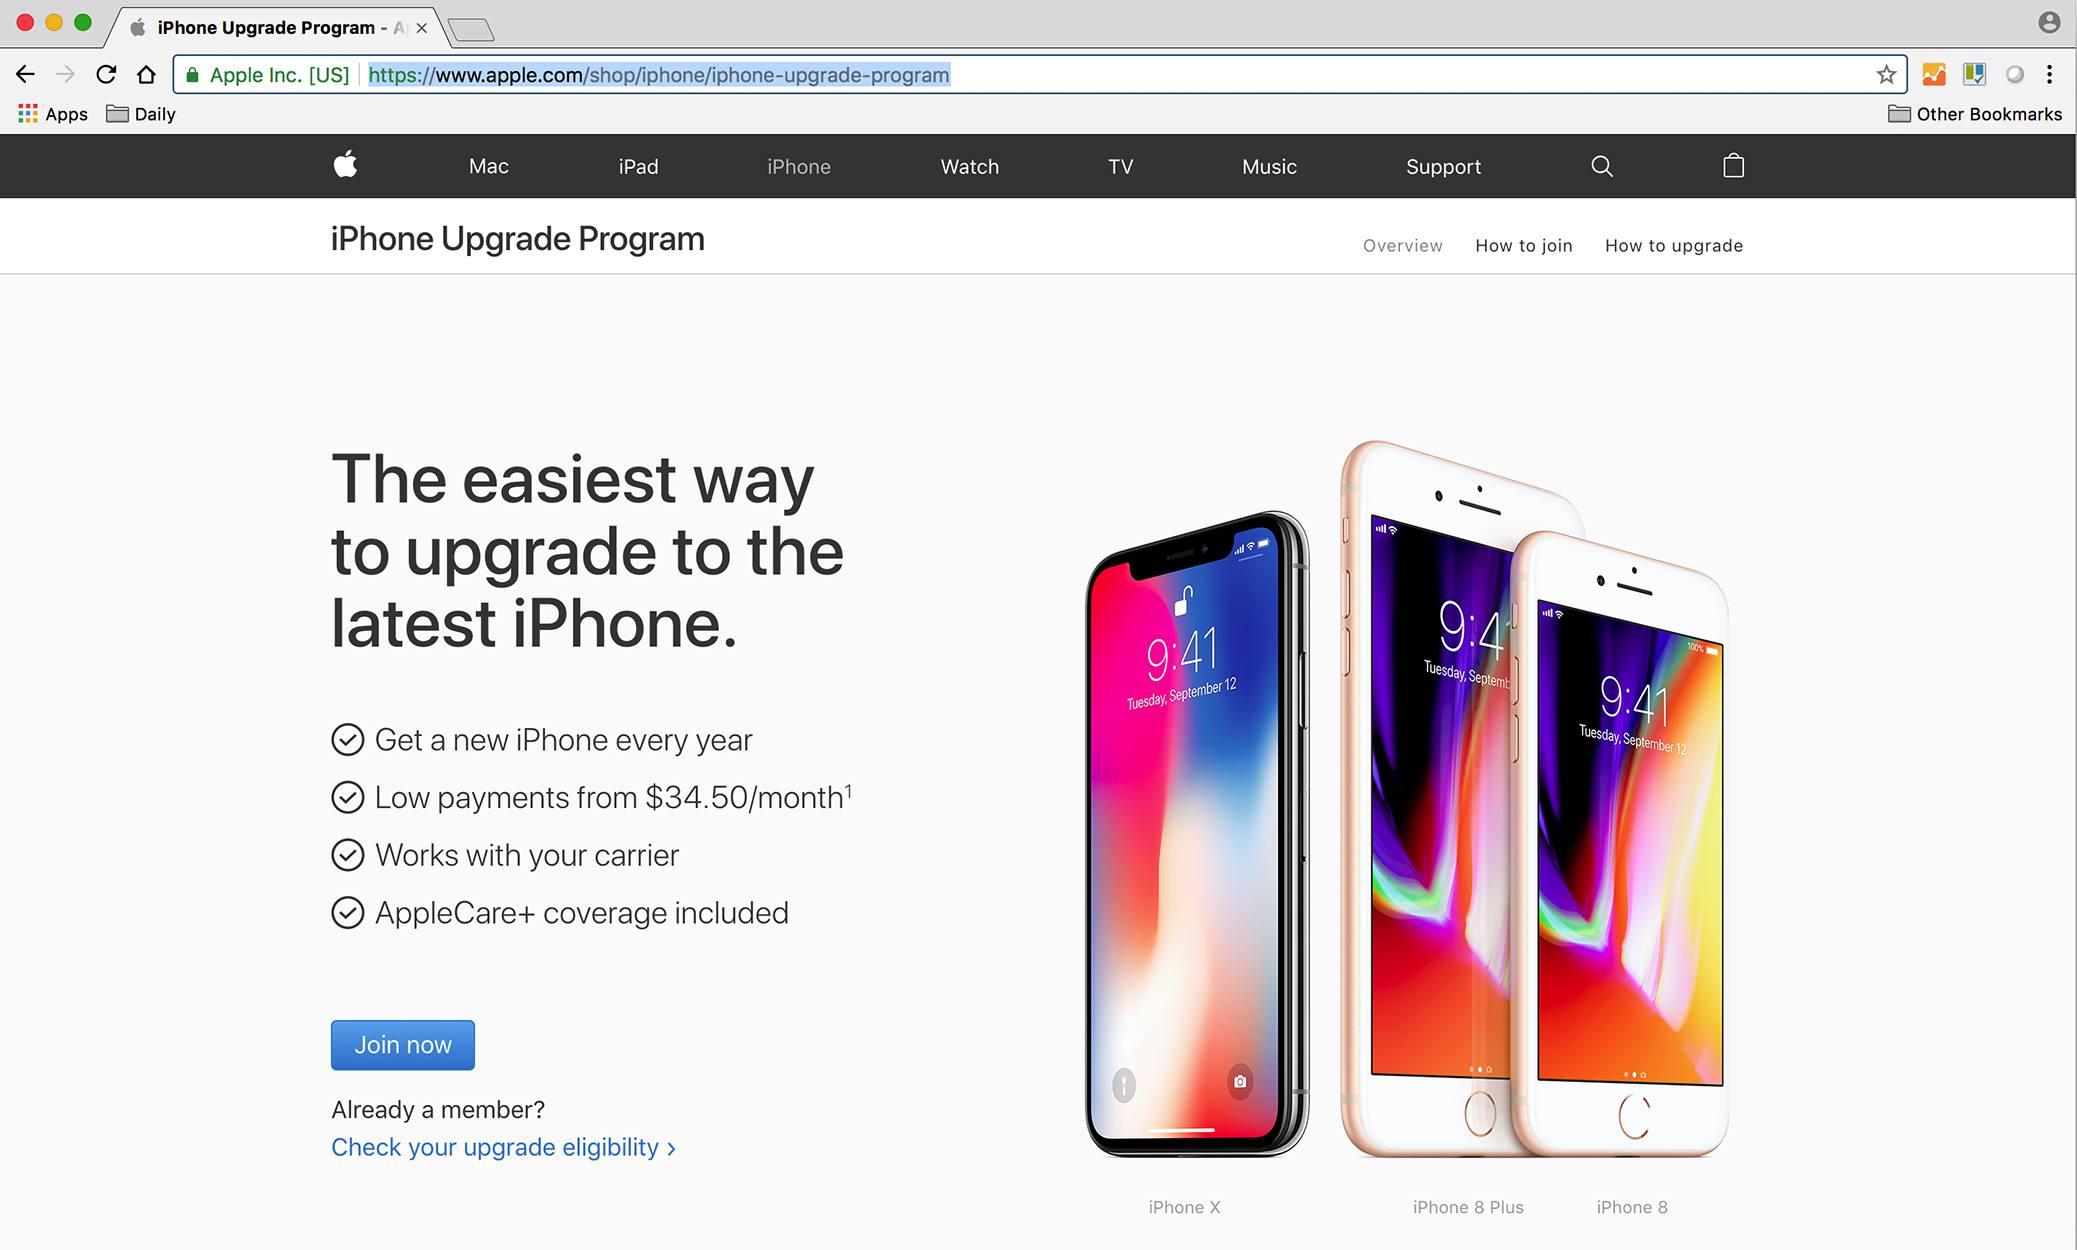 Screenshot of Apple iPhone upgrade program website